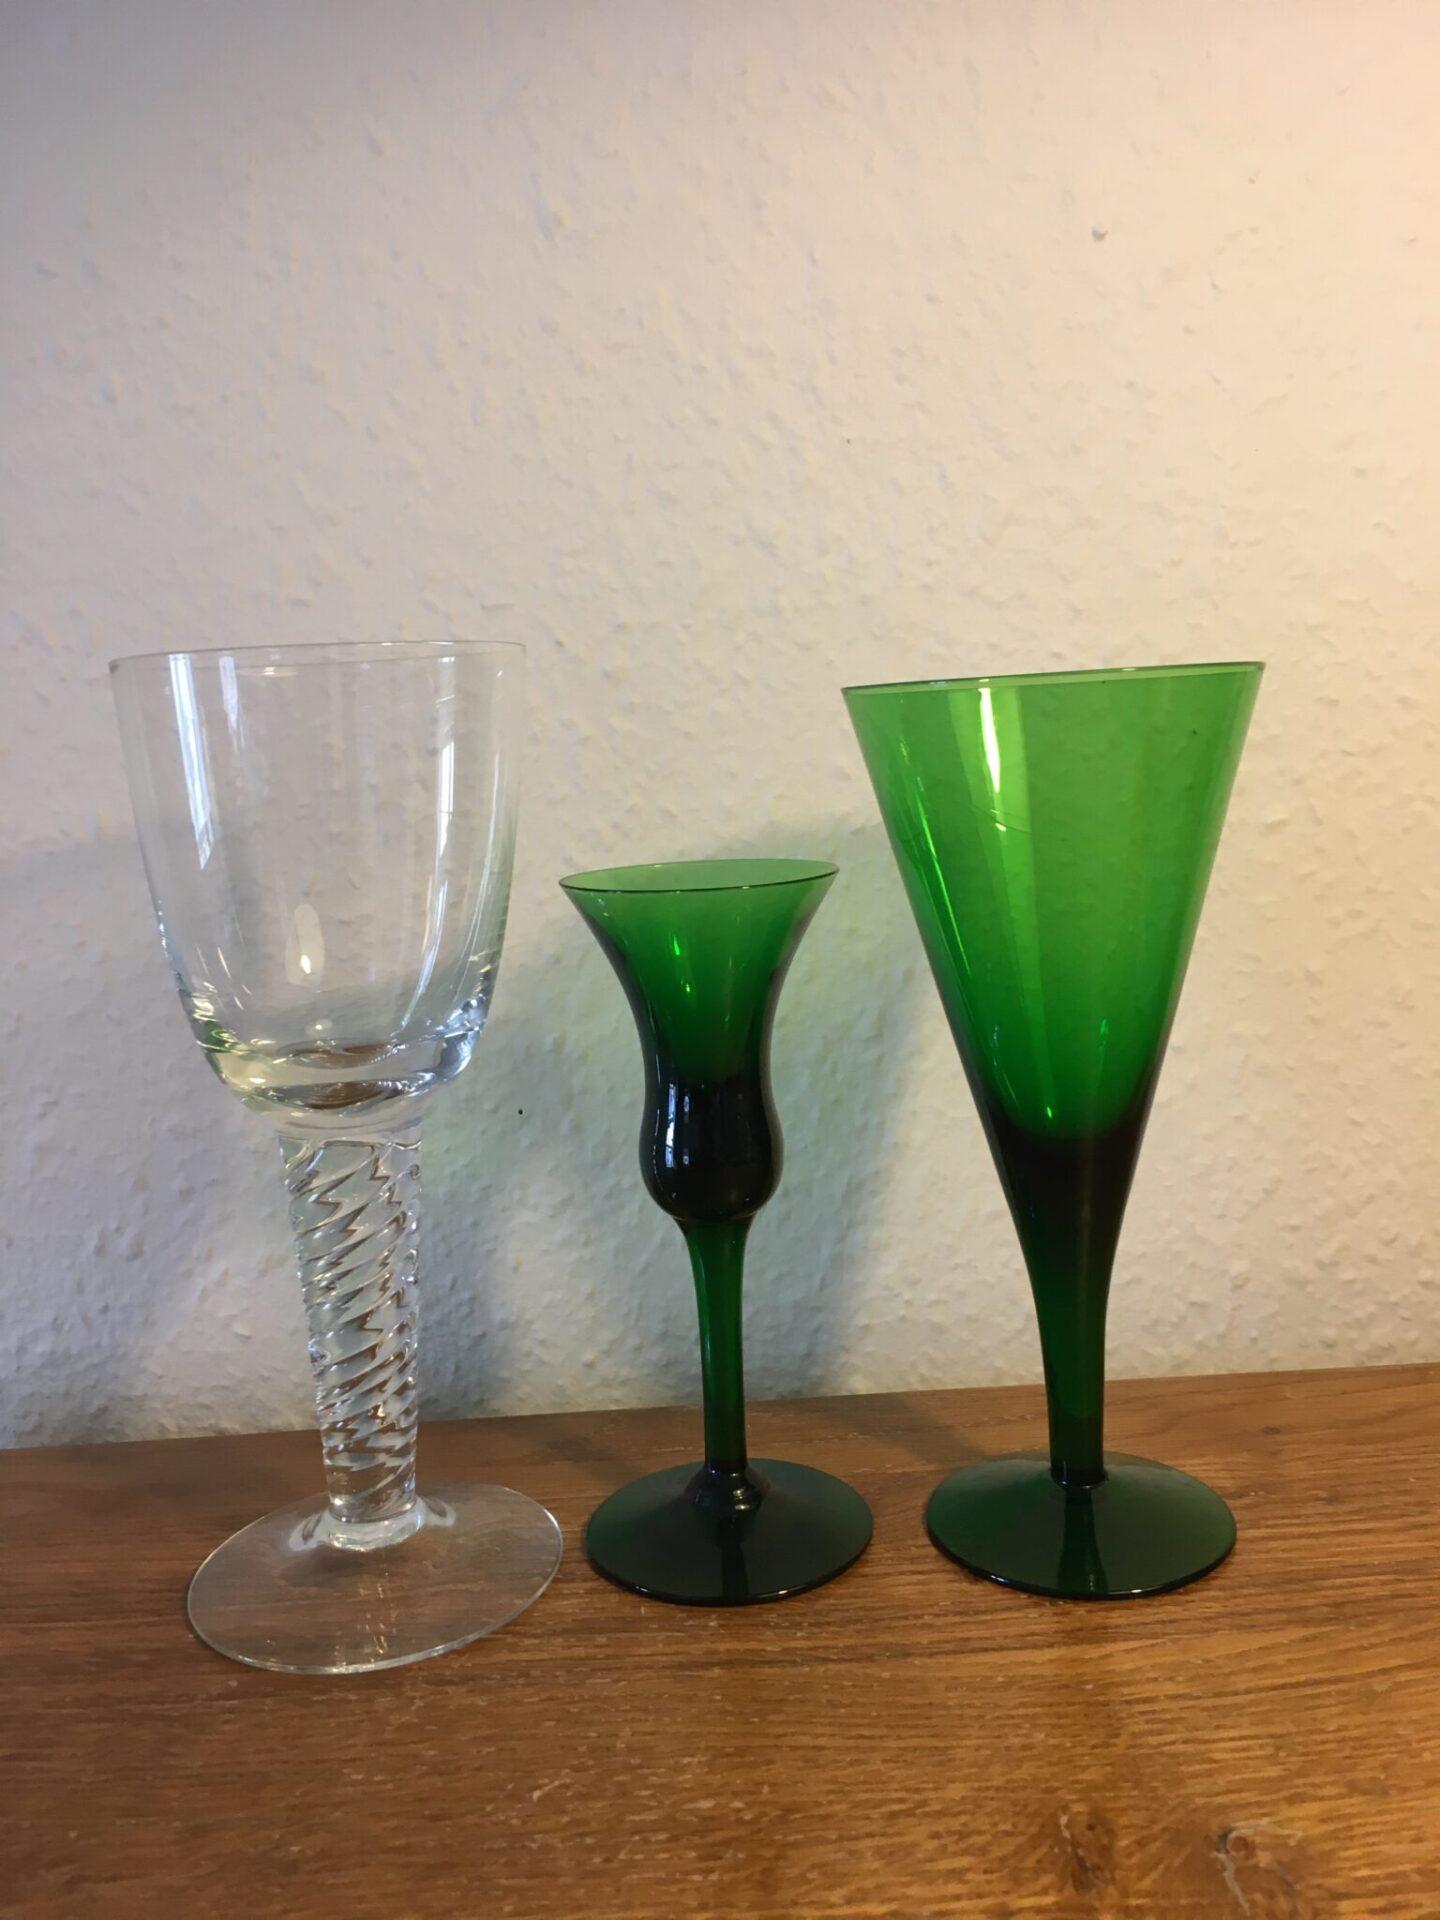 Twist (Holmegaard eller Kastrup), h =19,5 cm, pris pr stk 150 kr, Holmegaard snapseglas pr. stk 50 k